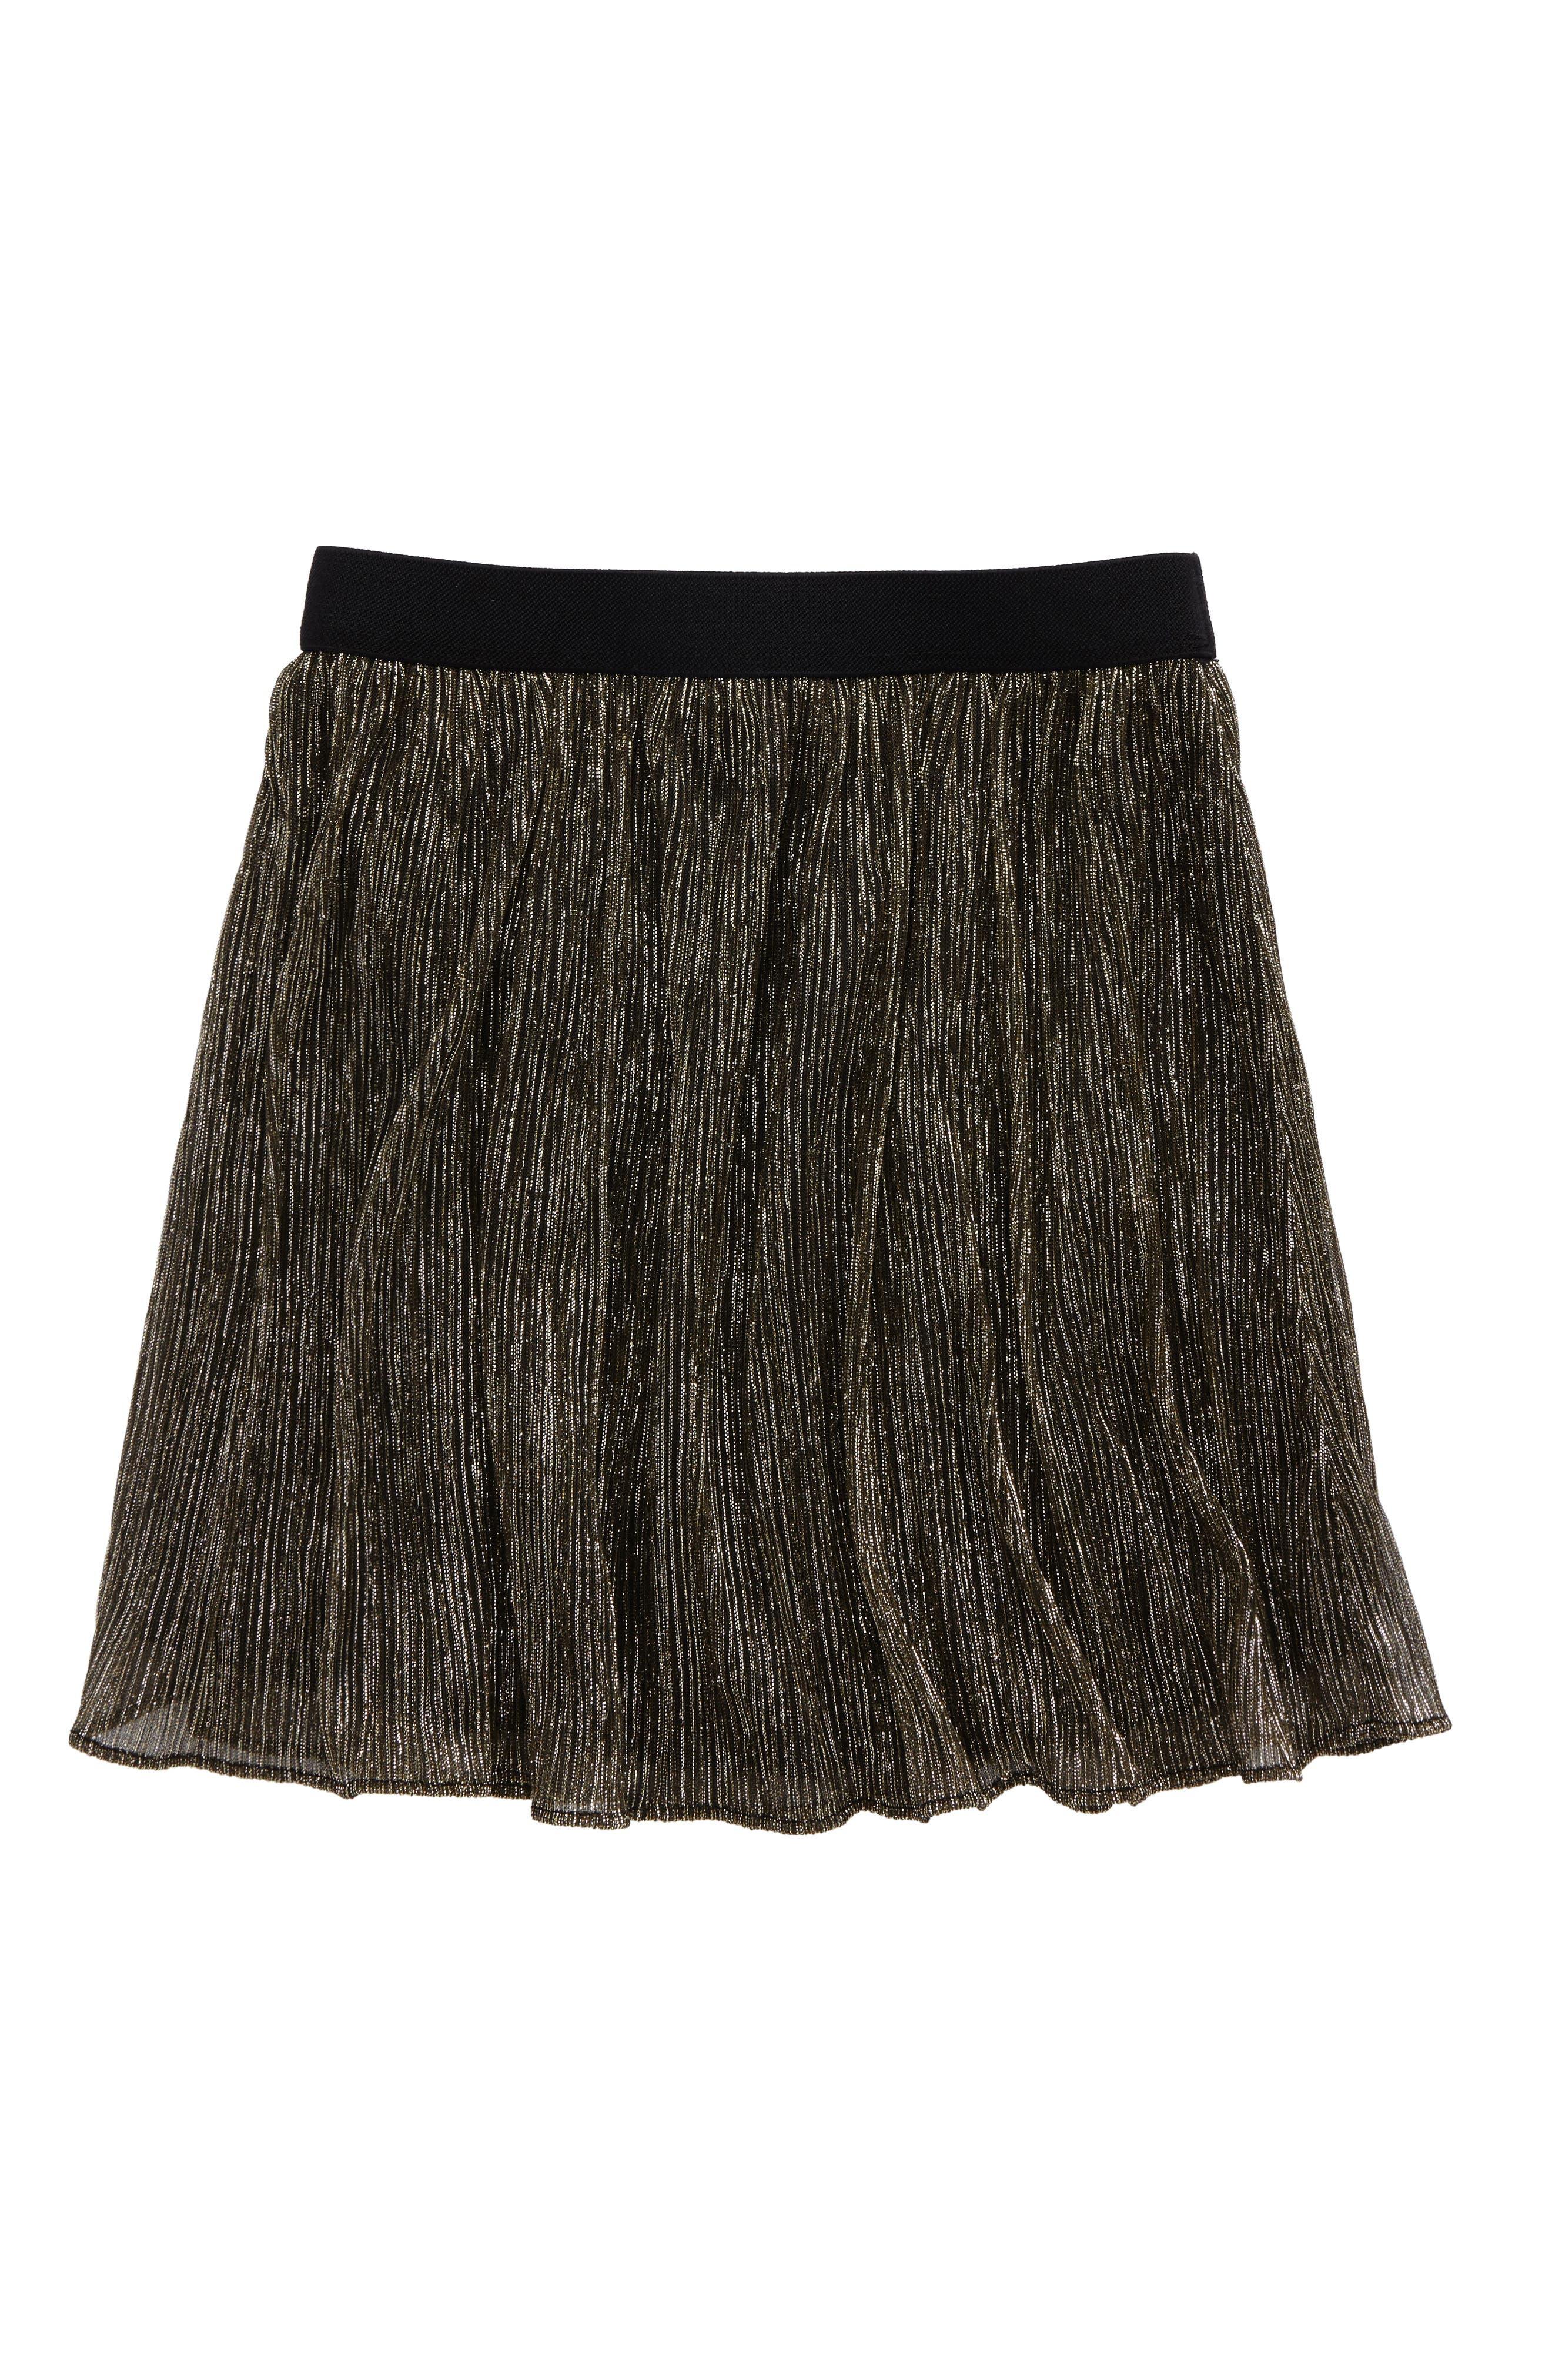 Main Image - Maddie Pleated Metallic Skirt (Big Girls)